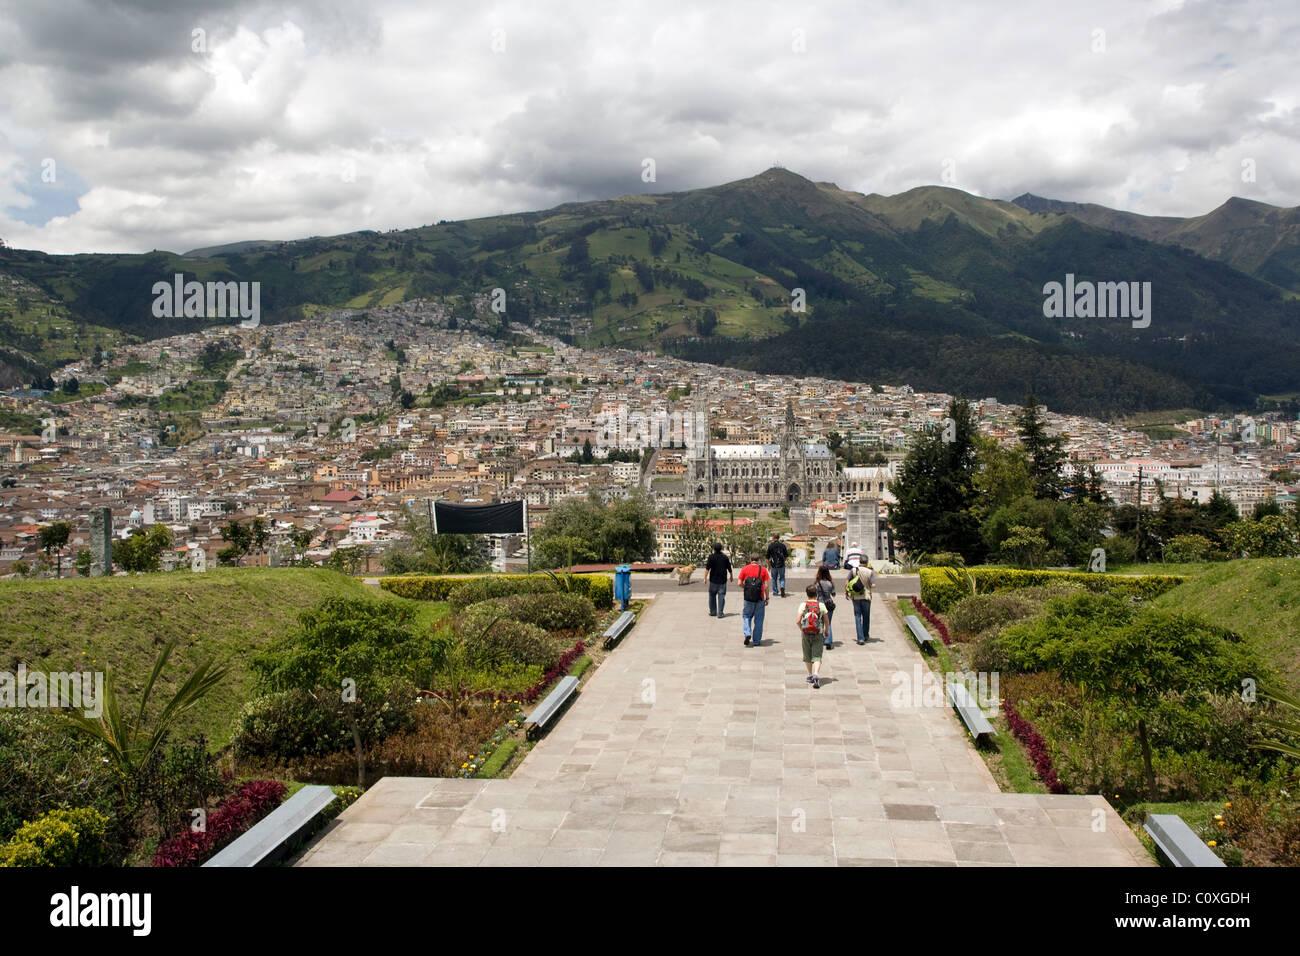 Les touristes à Parque Itchimbia - Quito, Équateur Photo Stock